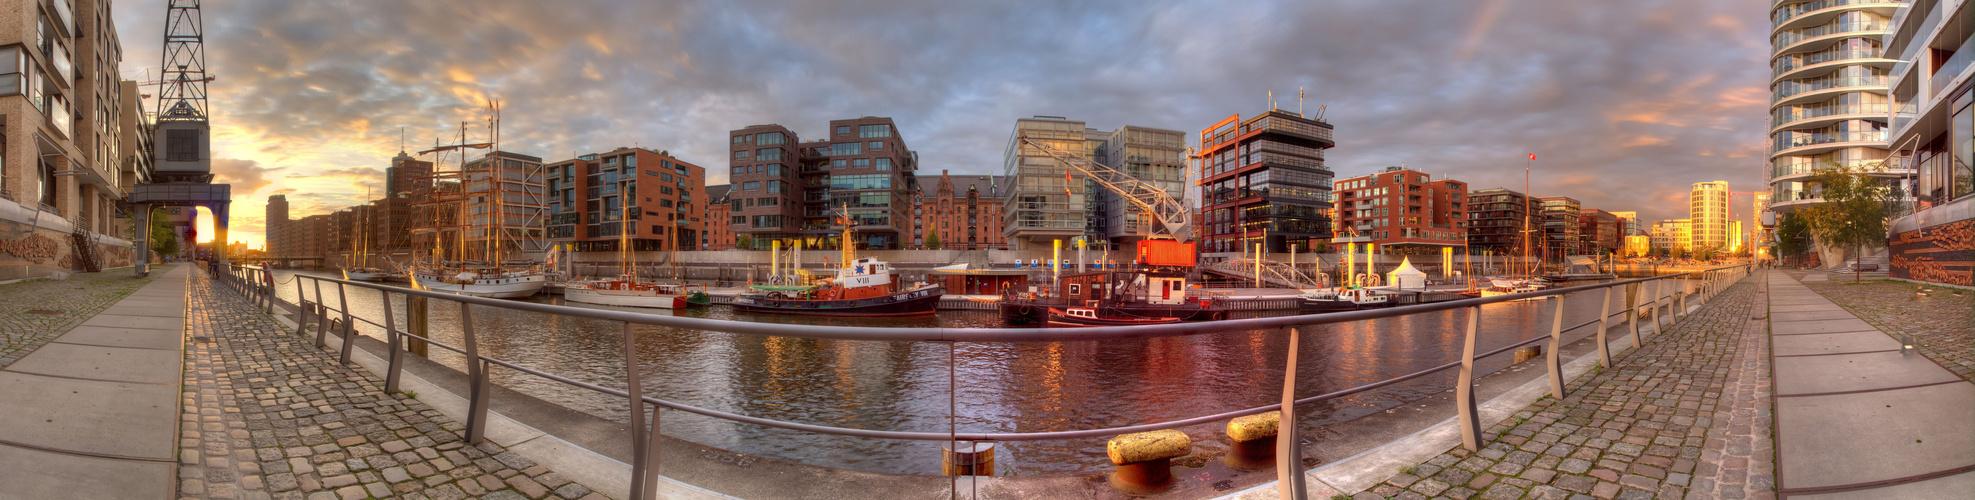 # Hafen City #